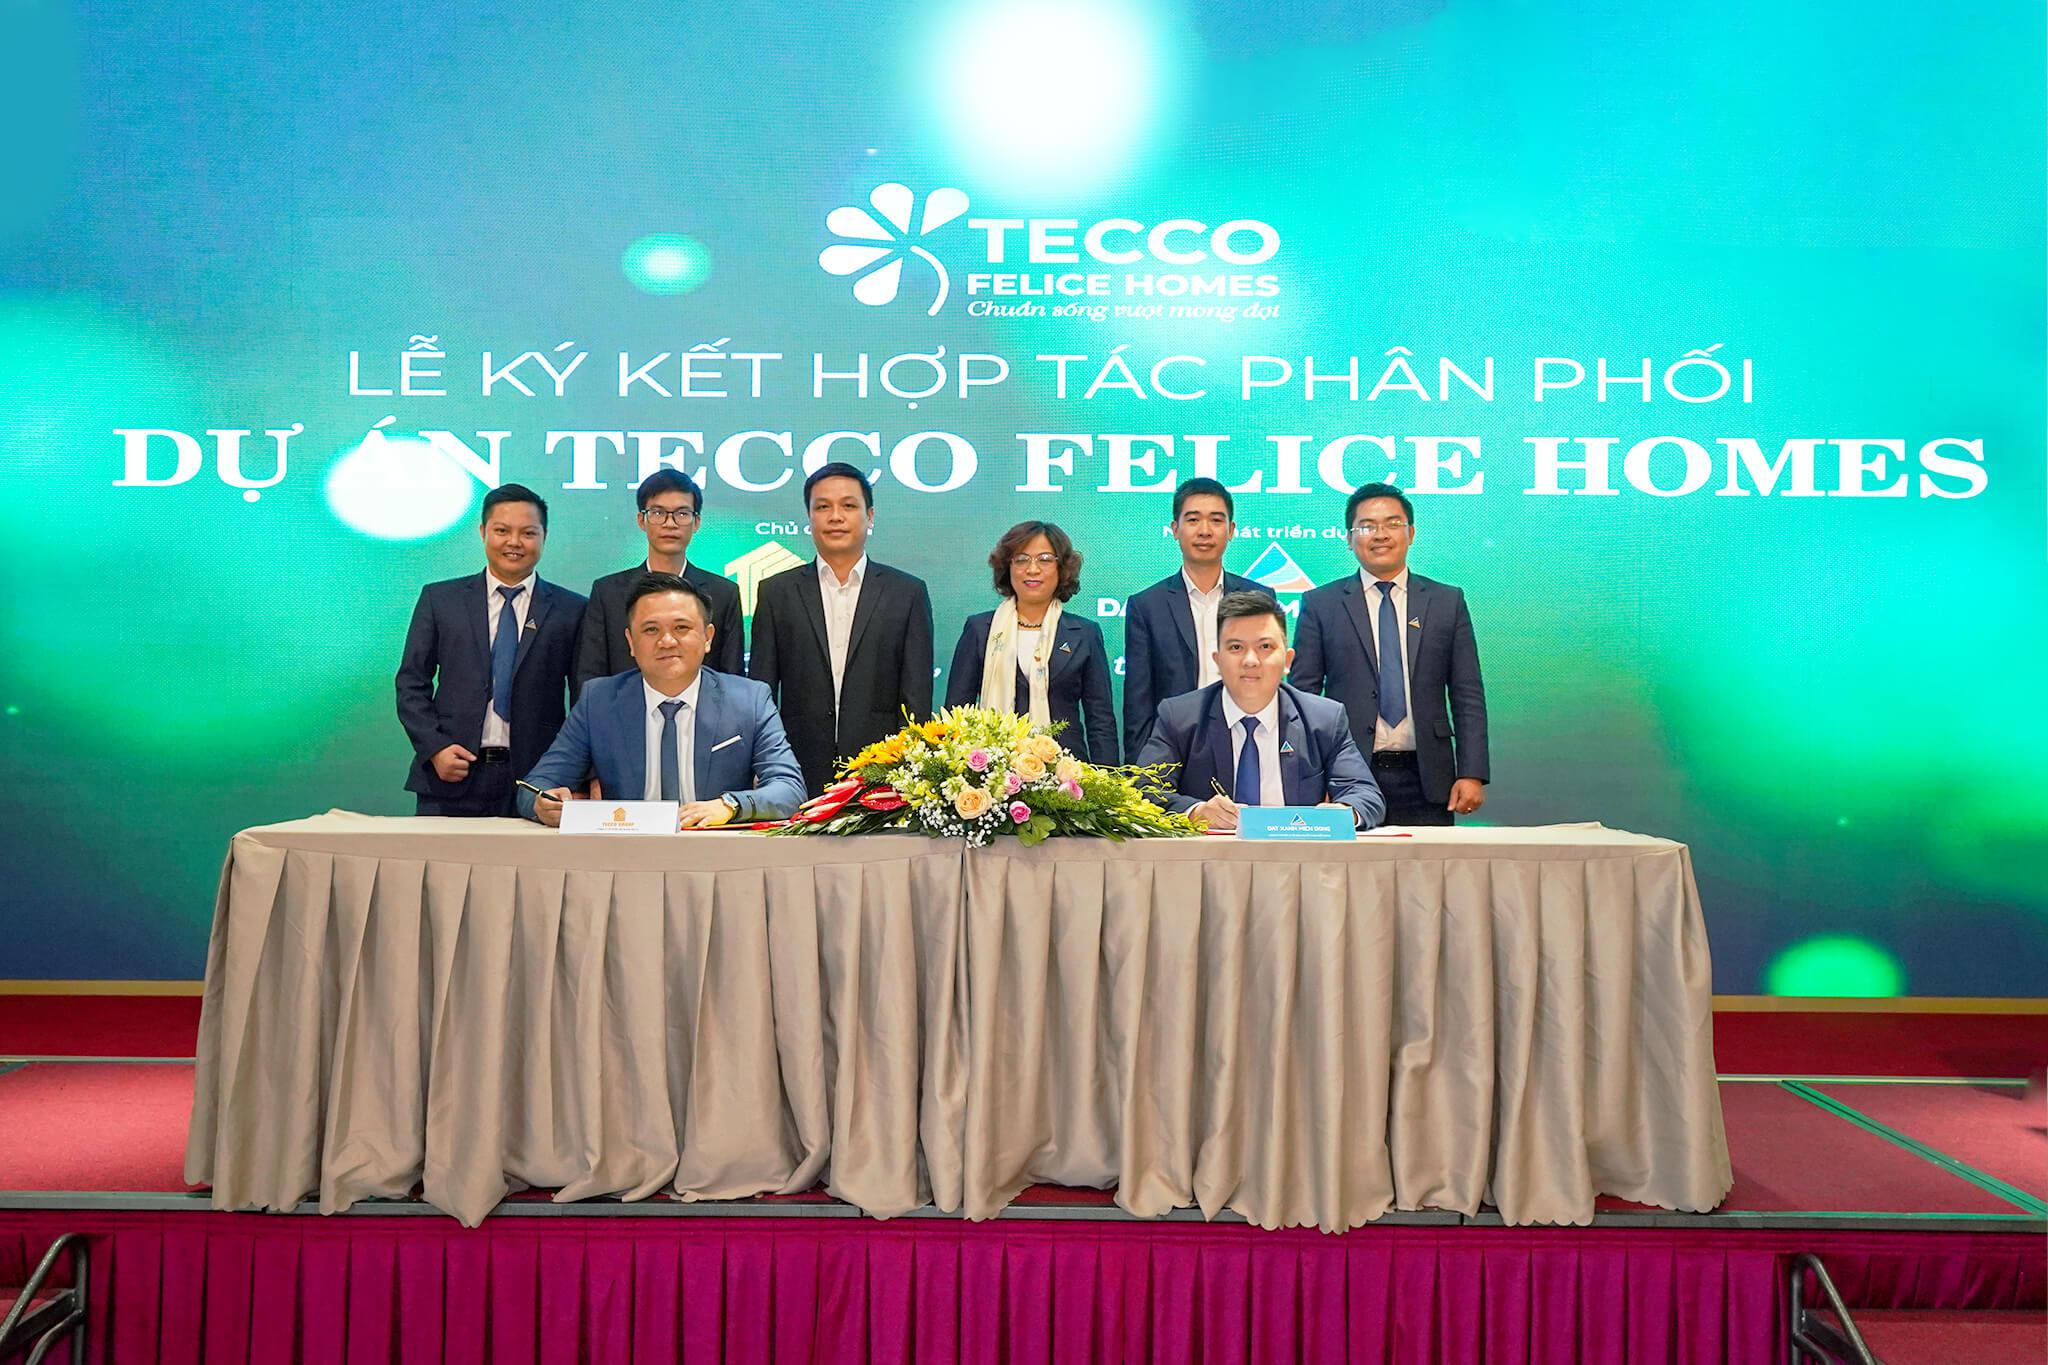 ĐẤT XANH MIỀN ĐÔNG kí kết hợp tác cùng tập đoàn TECCO